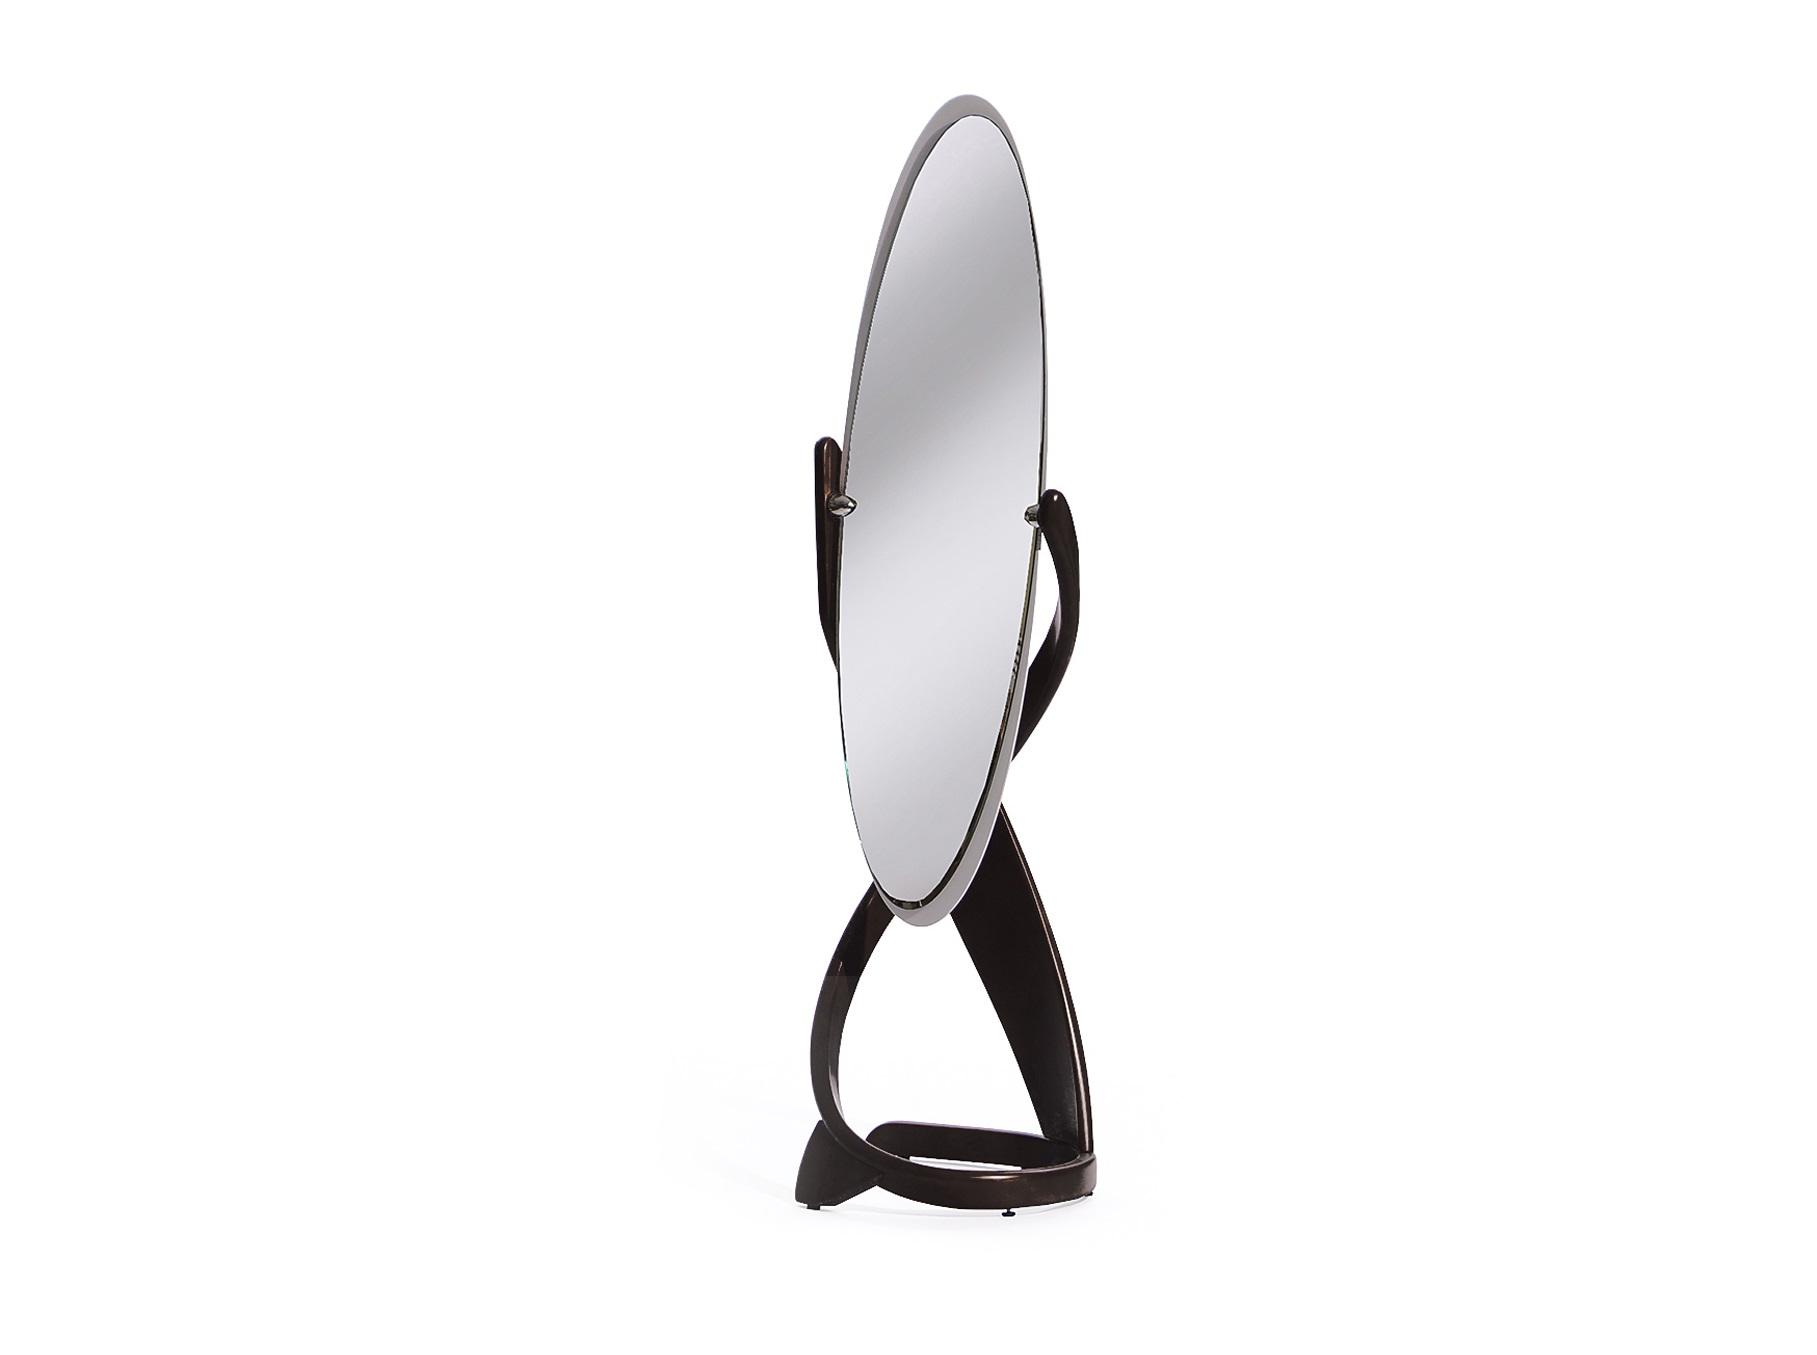 """Зеркало напольное VirtuosНапольные зеркала<br>&amp;lt;div&amp;gt;Напольное зеркало , дизайнерский предмет интерьера .&amp;amp;nbsp;&amp;lt;/div&amp;gt;&amp;lt;div&amp;gt;Удачно подходит в спальную коллекции """"brazo""""&amp;lt;/div&amp;gt;&amp;lt;div&amp;gt;&amp;lt;br&amp;gt;&amp;lt;/div&amp;gt;&amp;lt;div&amp;gt;Мтериал: &amp;amp;nbsp;береза&amp;amp;nbsp;&amp;lt;/div&amp;gt;&amp;lt;div&amp;gt;Цвет: венге&amp;lt;/div&amp;gt;<br><br>Material: Береза<br>Ширина см: 45<br>Высота см: 160<br>Глубина см: 45"""